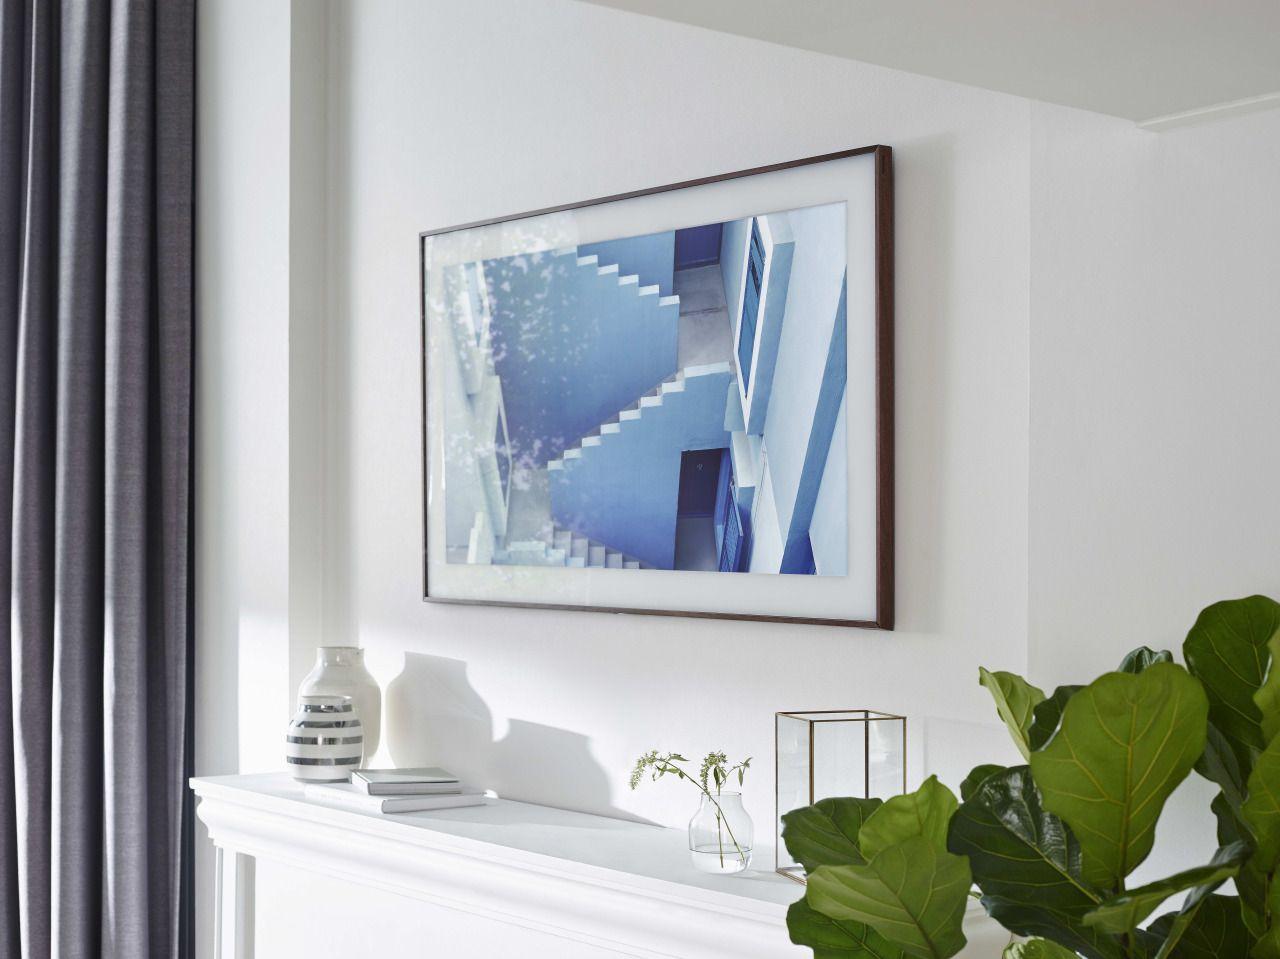 tv samsung the frame | New | Pinterest